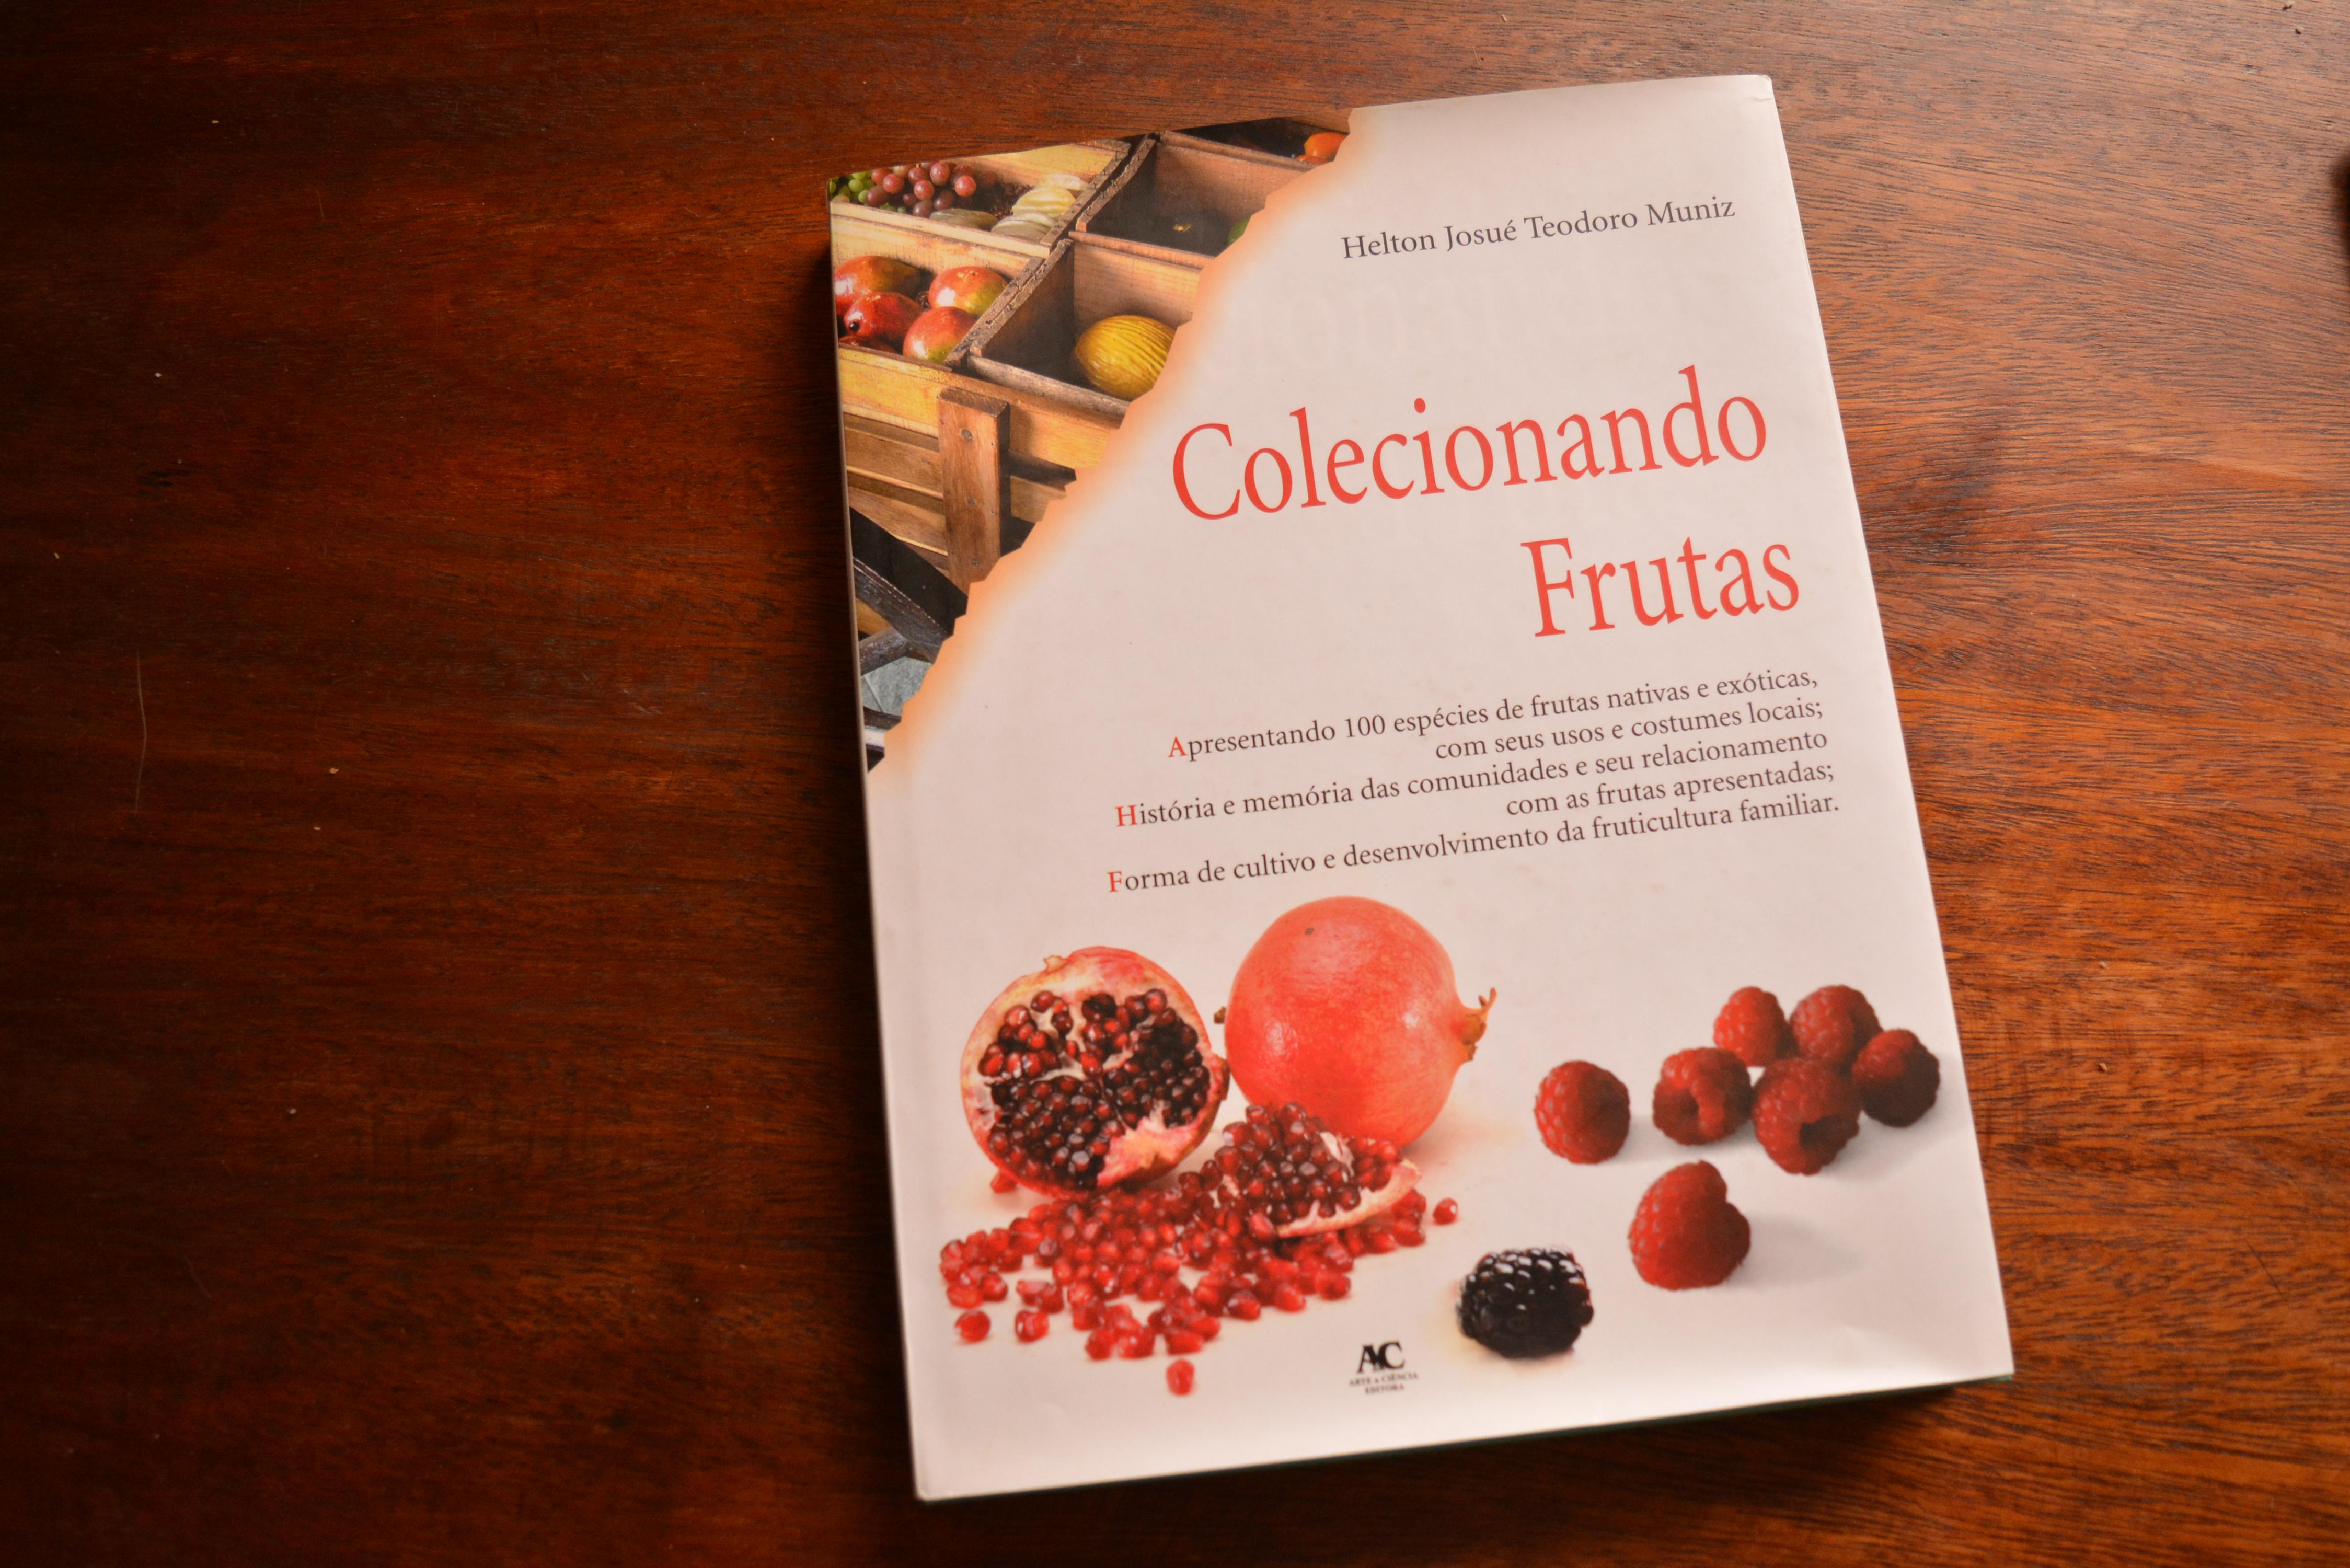 Colecionando frutas Helton Muniz